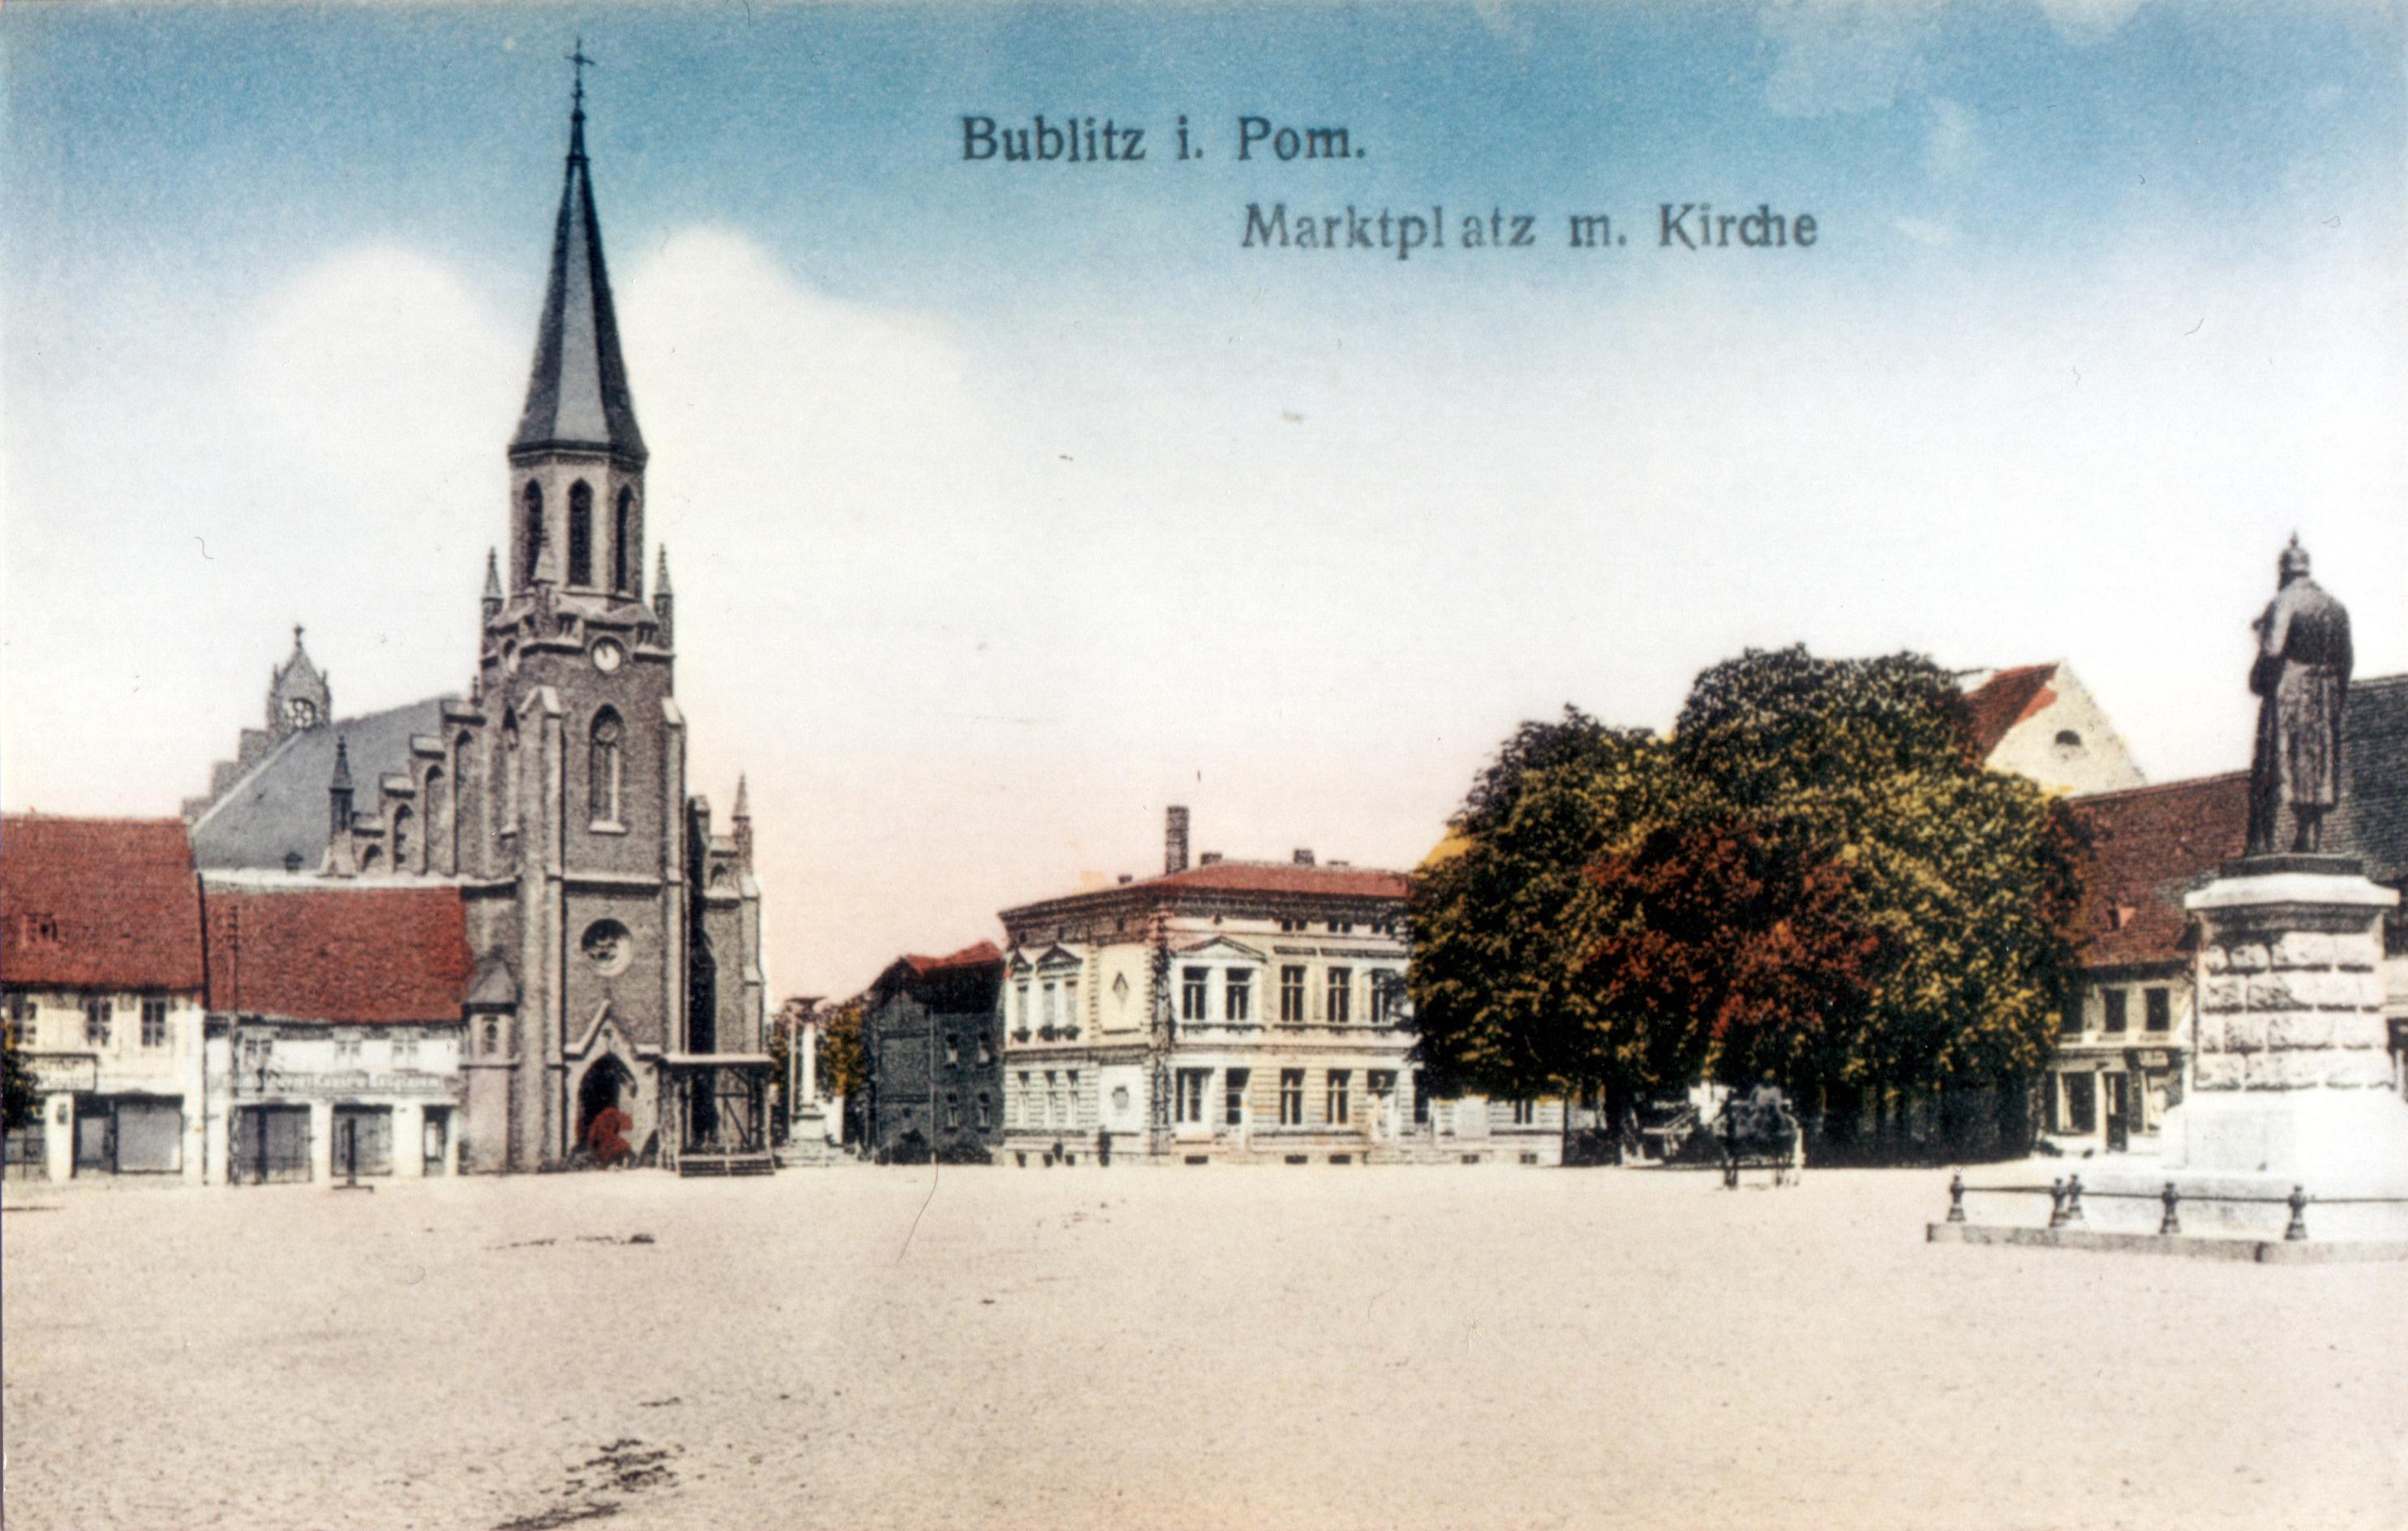 Bublitz in Pommern - Marktplatz mit Johannis-Kirche